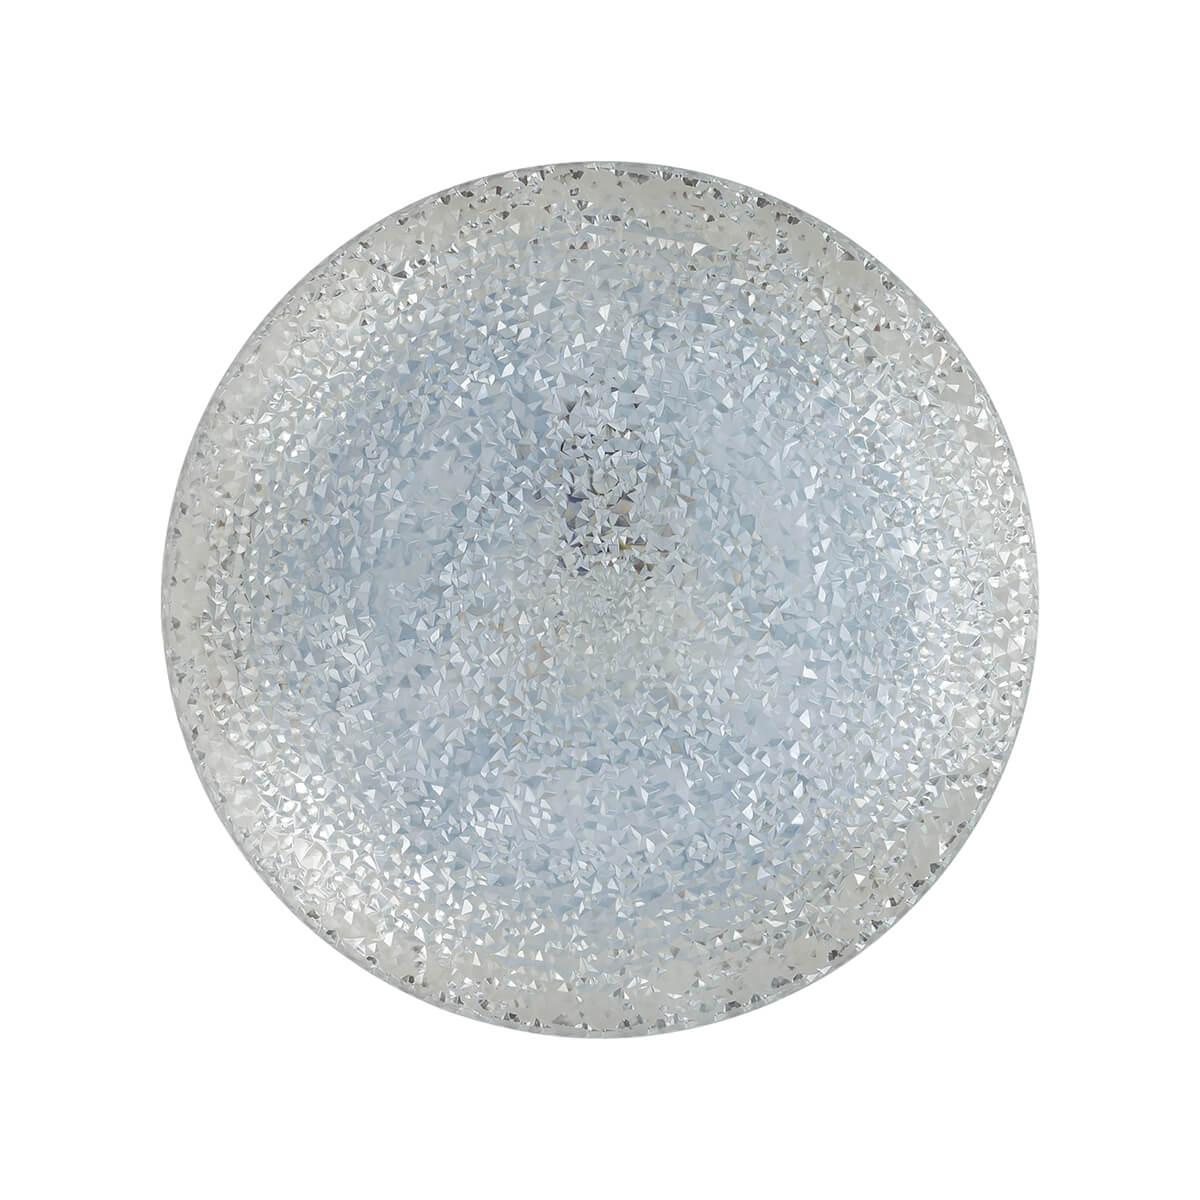 Светильник Sonex 2081/DL Glori светильник italline dl 2633 black